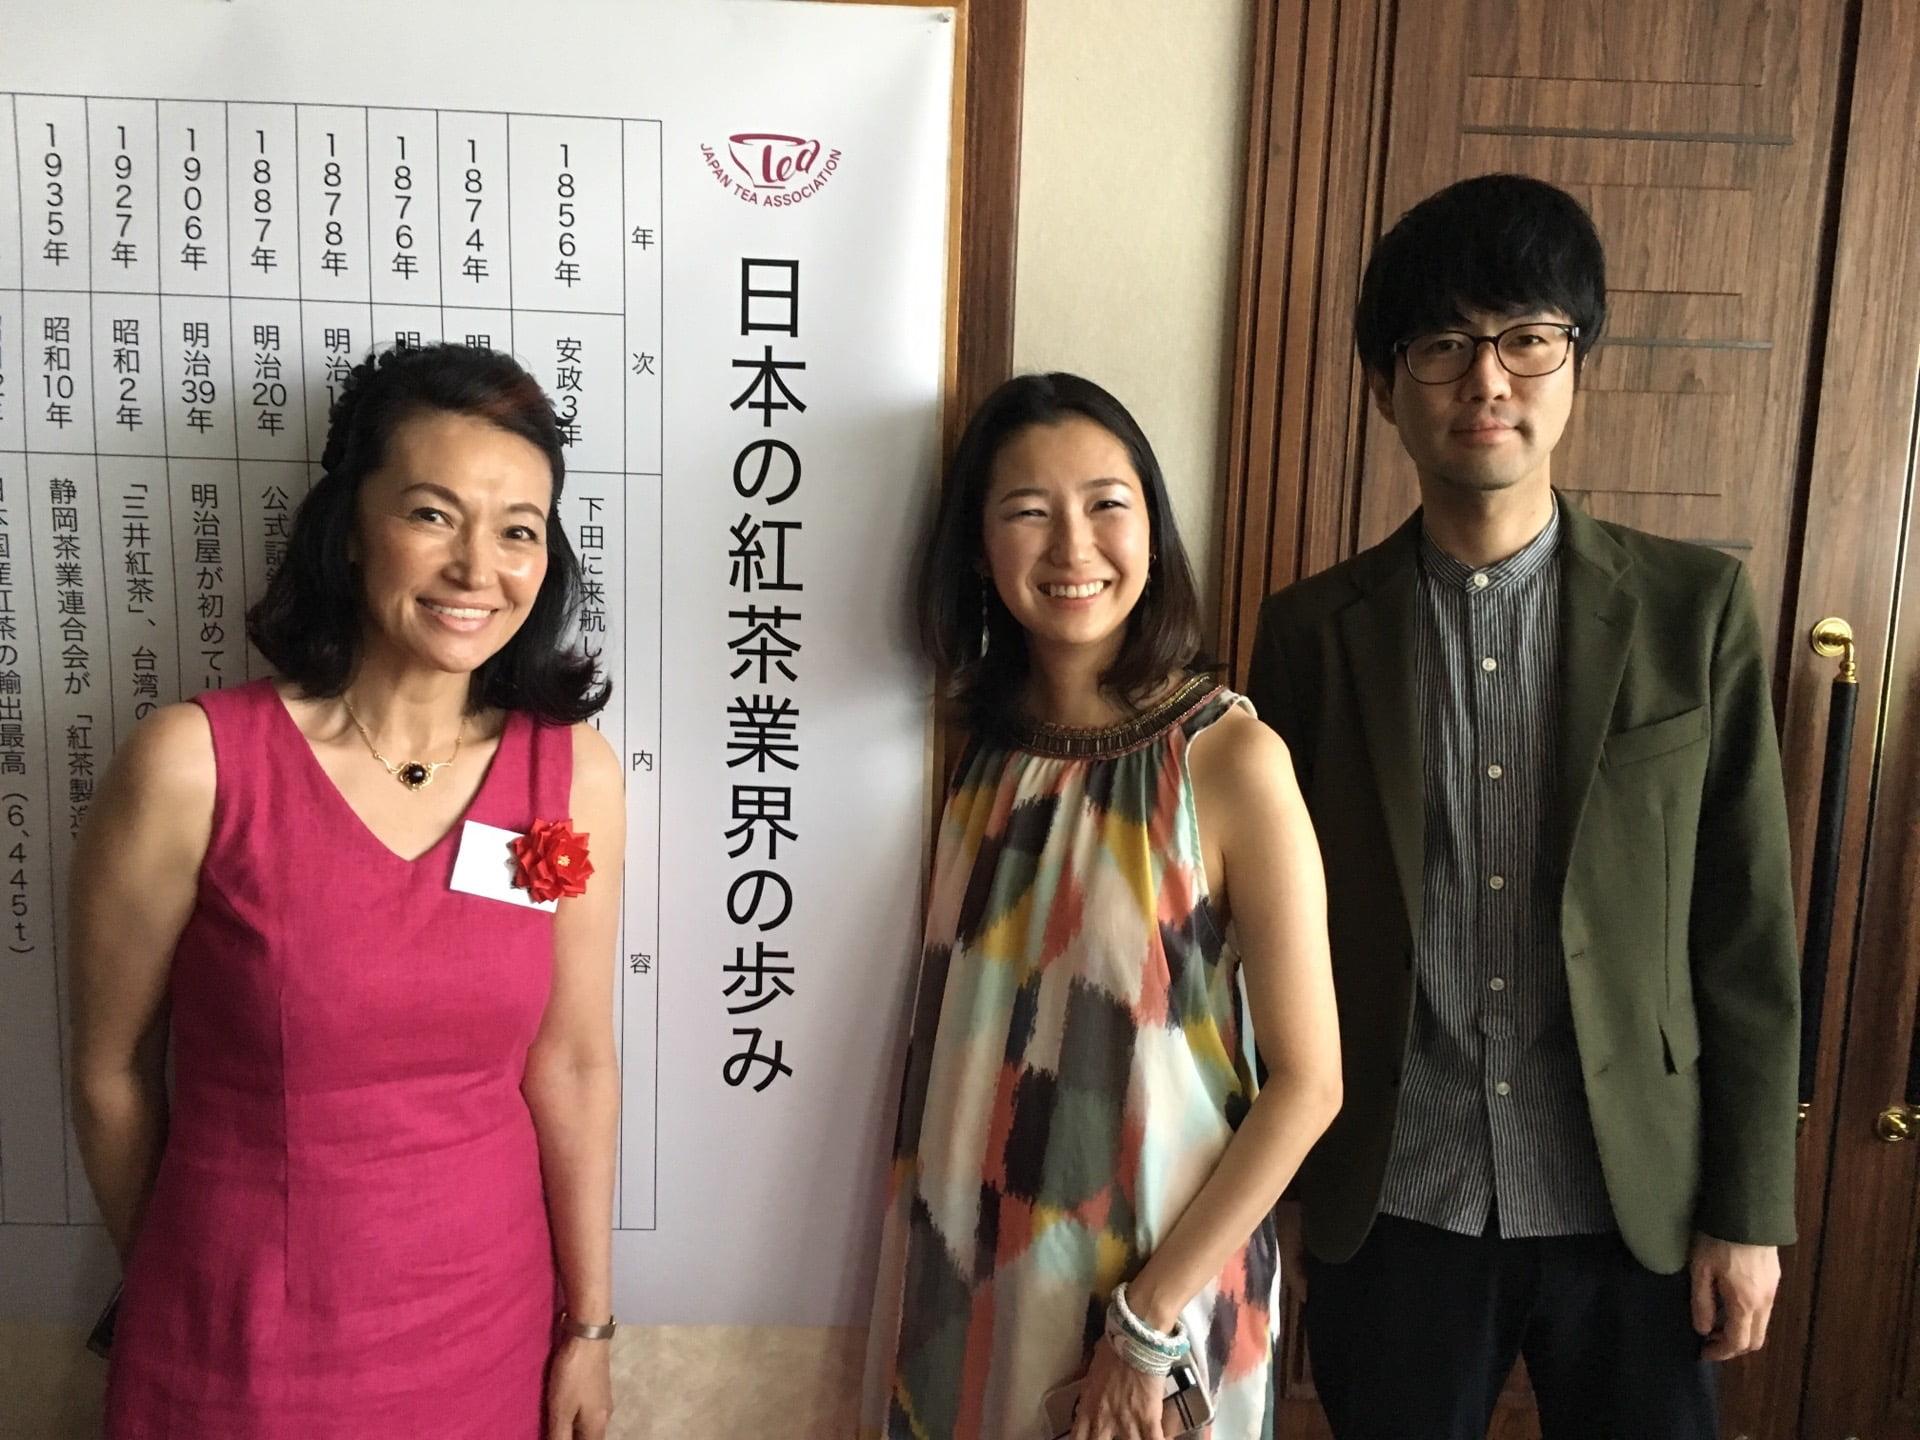 2018年・日本紅茶協会イベント。名誉ティーインストラクターの岡田美里さんと。ピアノの飯島玄麒さん(右)とのDUOで演奏させていただきました。